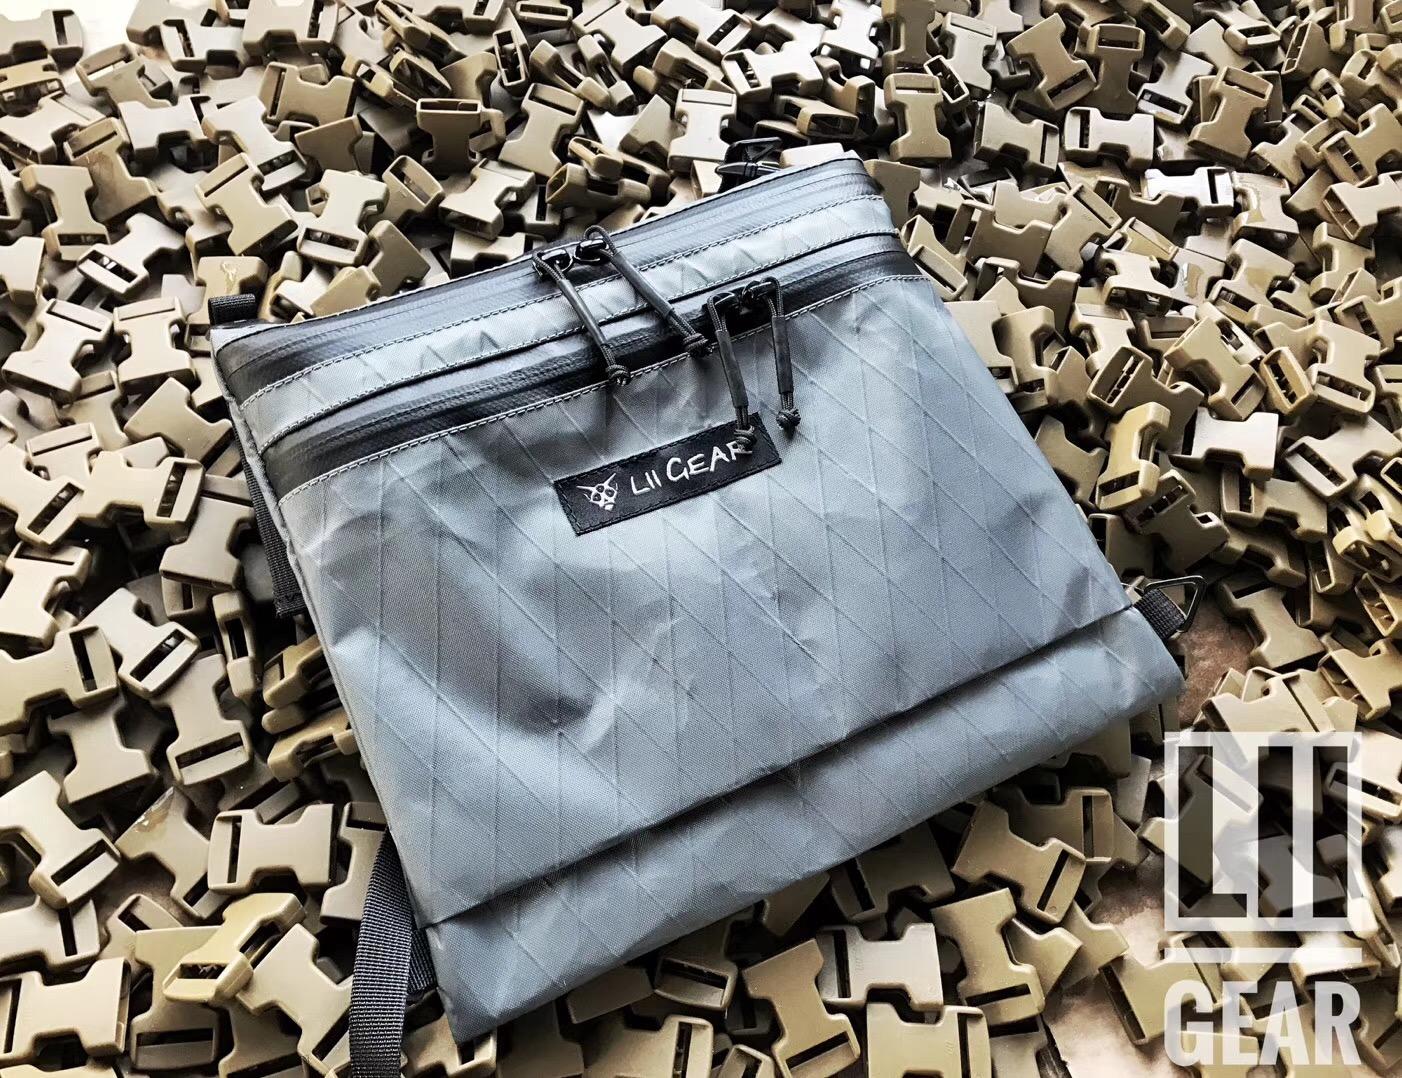 【敦刻尔克】限时Lii Gear Musstte Bag X 挎包潮包胸包凯夫拉